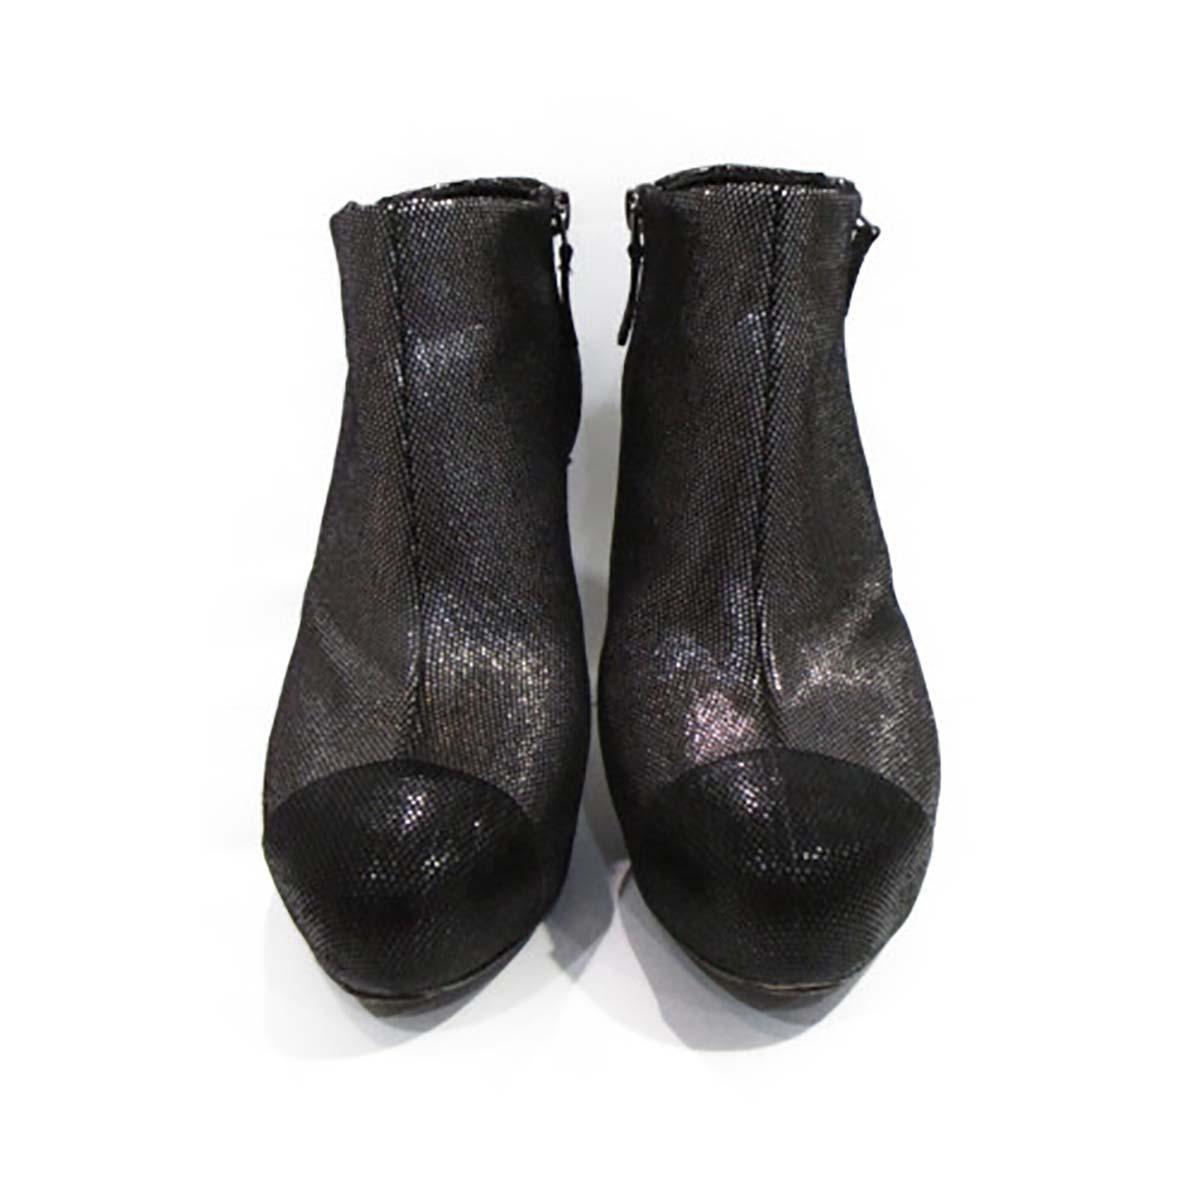 【中古】 シャネル ショートブーツ レディース レザー ブラック x シルバー | CHANEL くつ 靴 ショートブーツ 美品 ブランドオフ